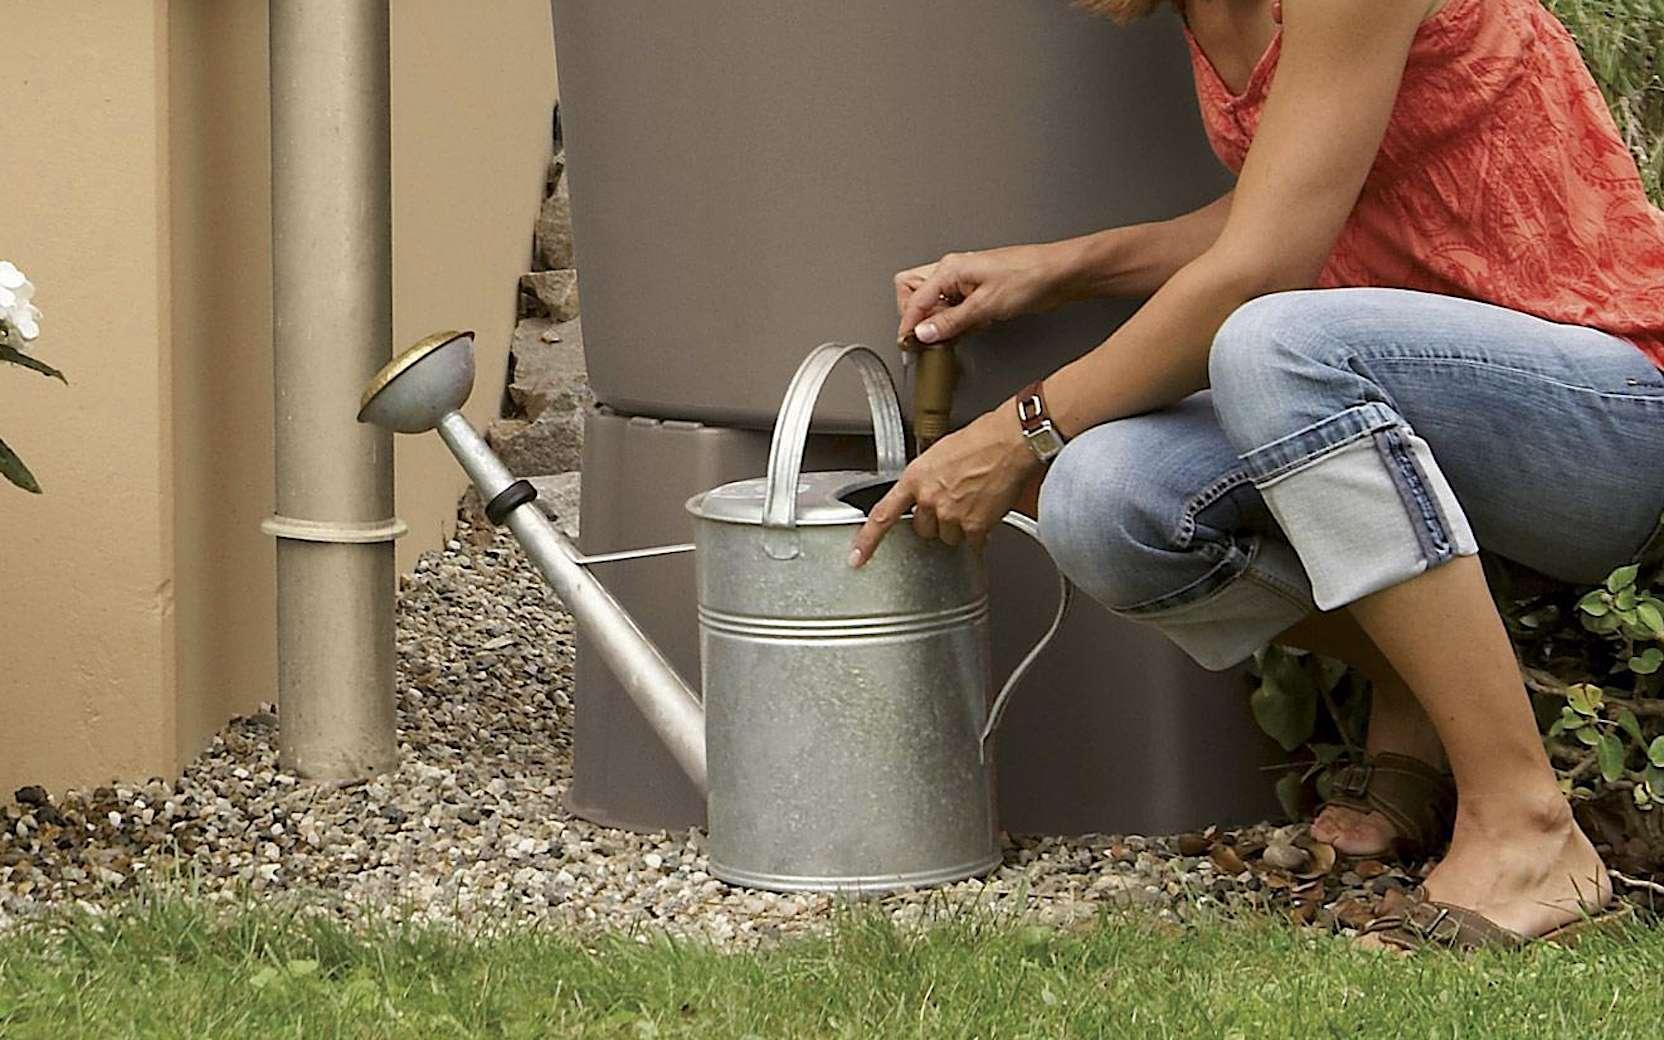 Il est utile de récupérer l'eau de pluie, une ressource gratuite. © Garantia